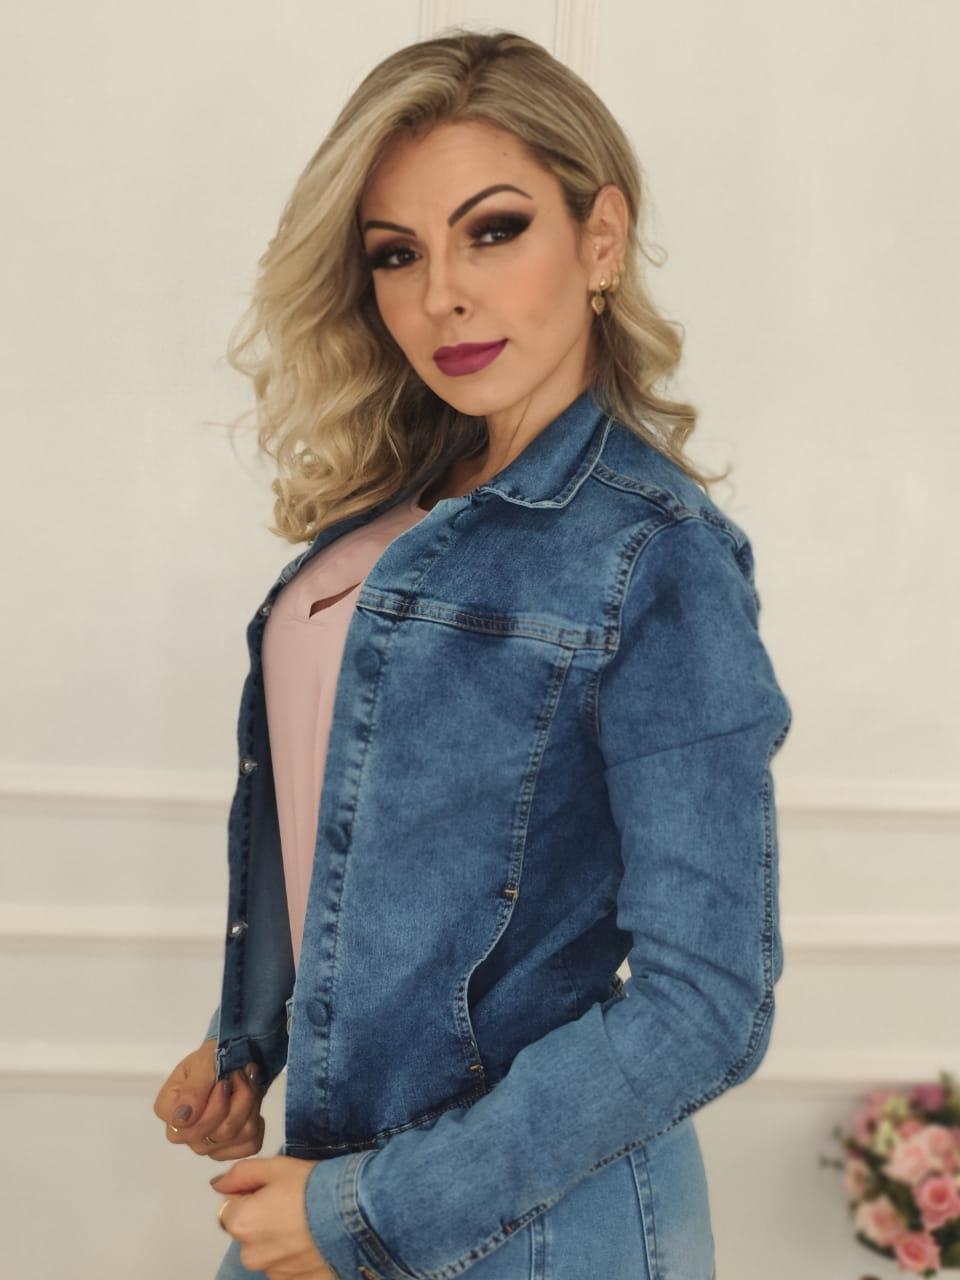 Jaqueta Jeans Claro Botões Encapados